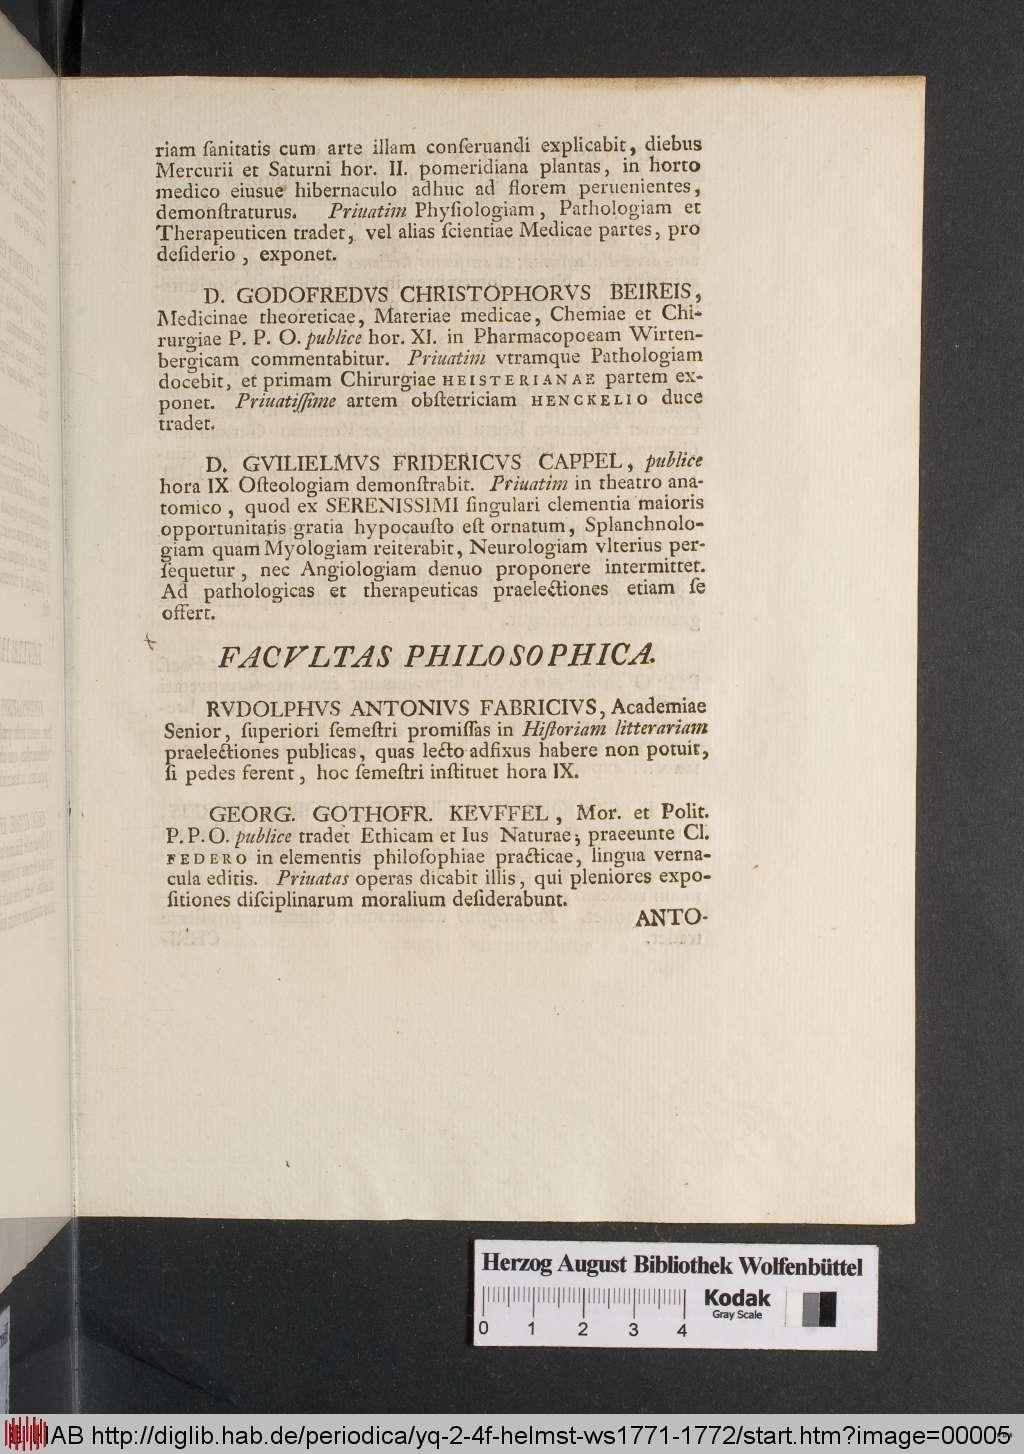 http://diglib.hab.de/periodica/yq-2-4f-helmst-ws1771-1772/00005.jpg